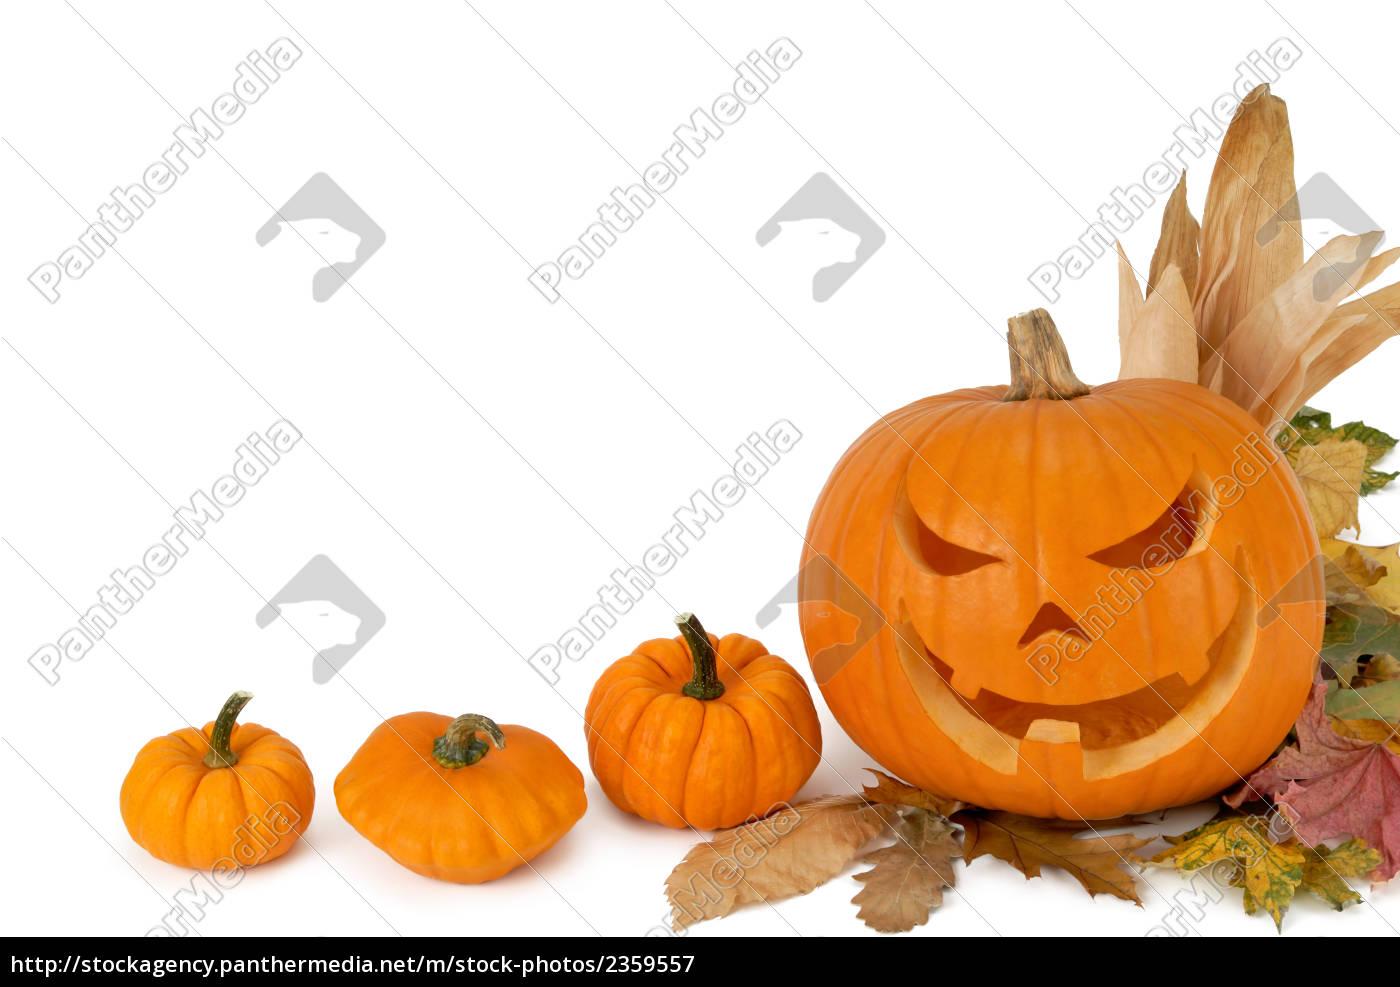 Hintergrund Mit Halloween Kurbis Stockfoto 2359557